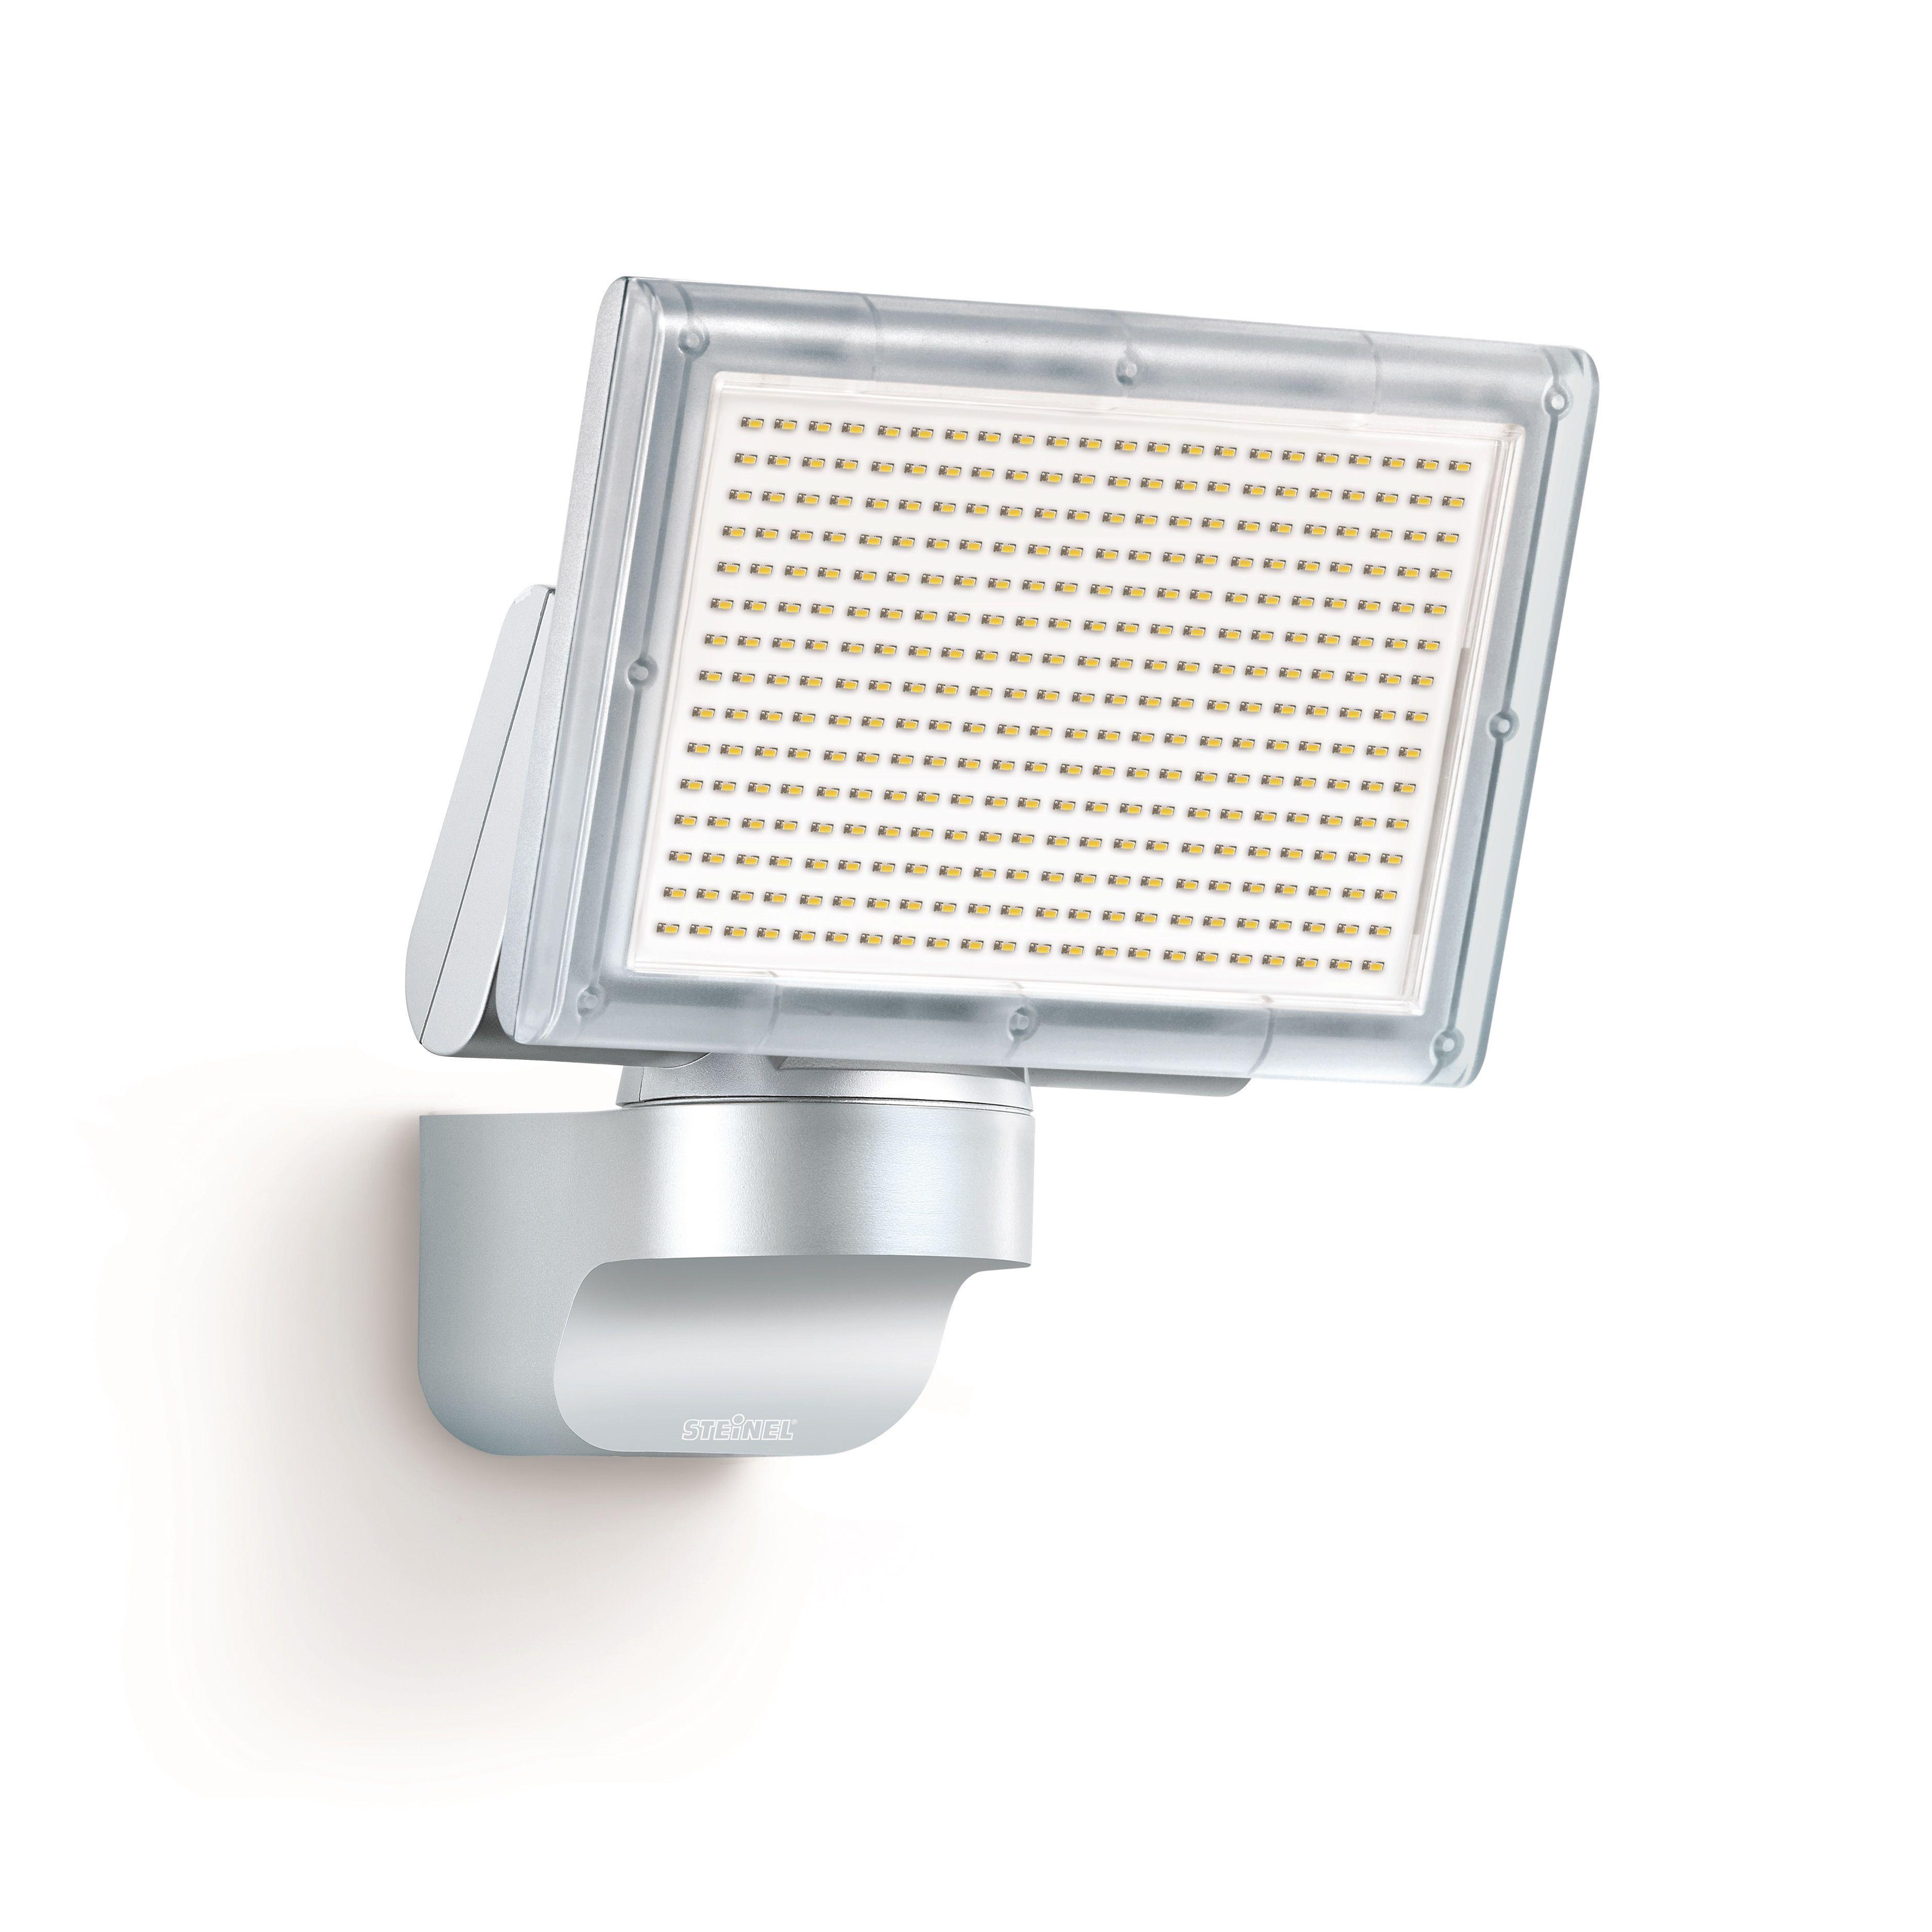 Steinel LED-Strahler XLED Home 1 silber, Scheinwerfer mit 140 ...